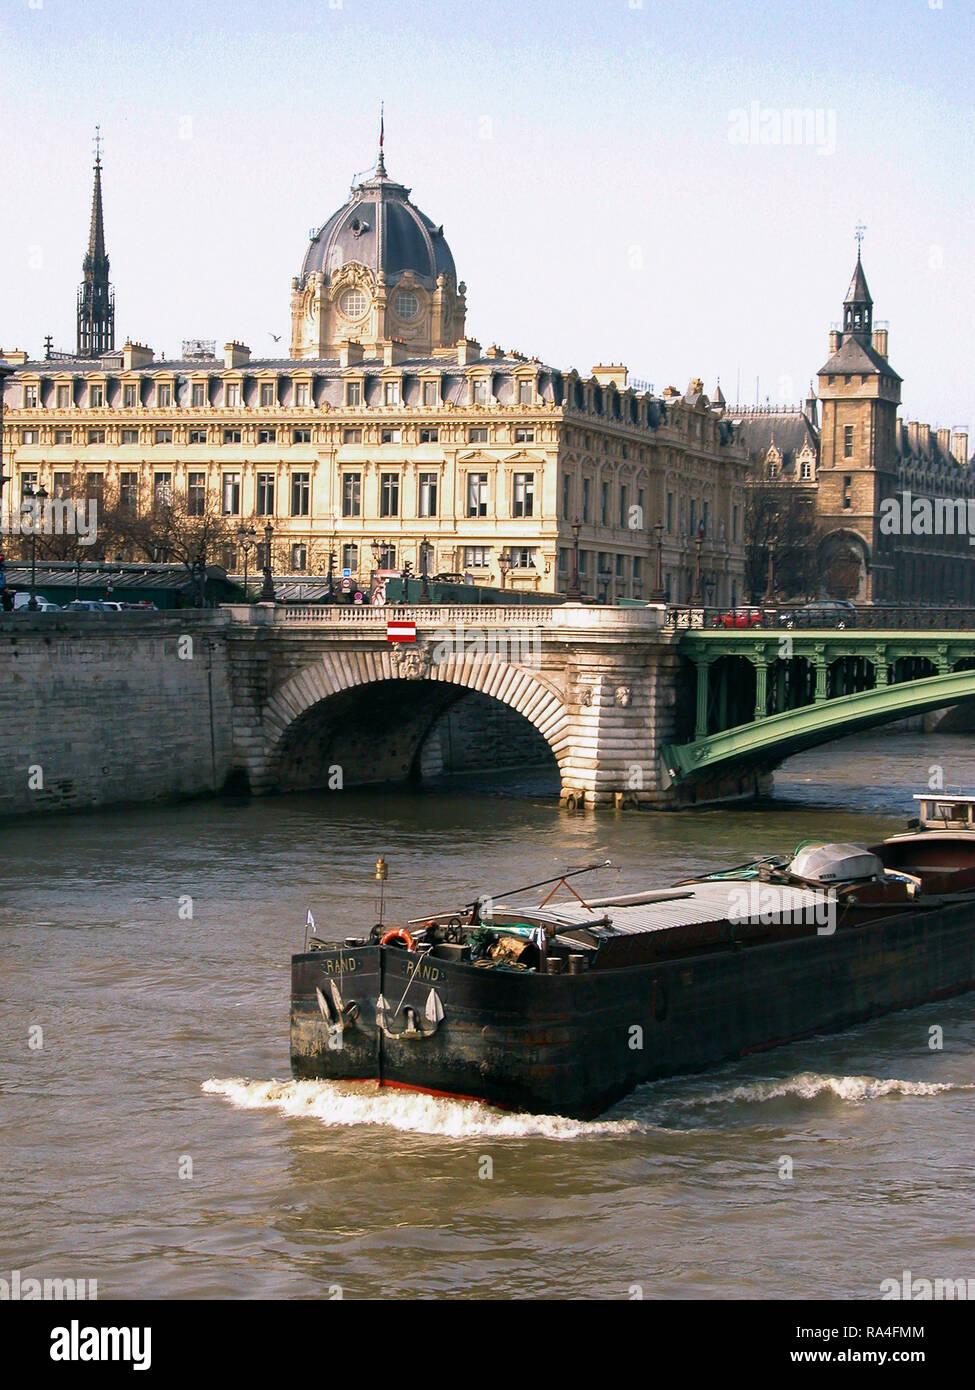 Barge on the Seine by the Île de la Cité, Paris, France - Stock Image